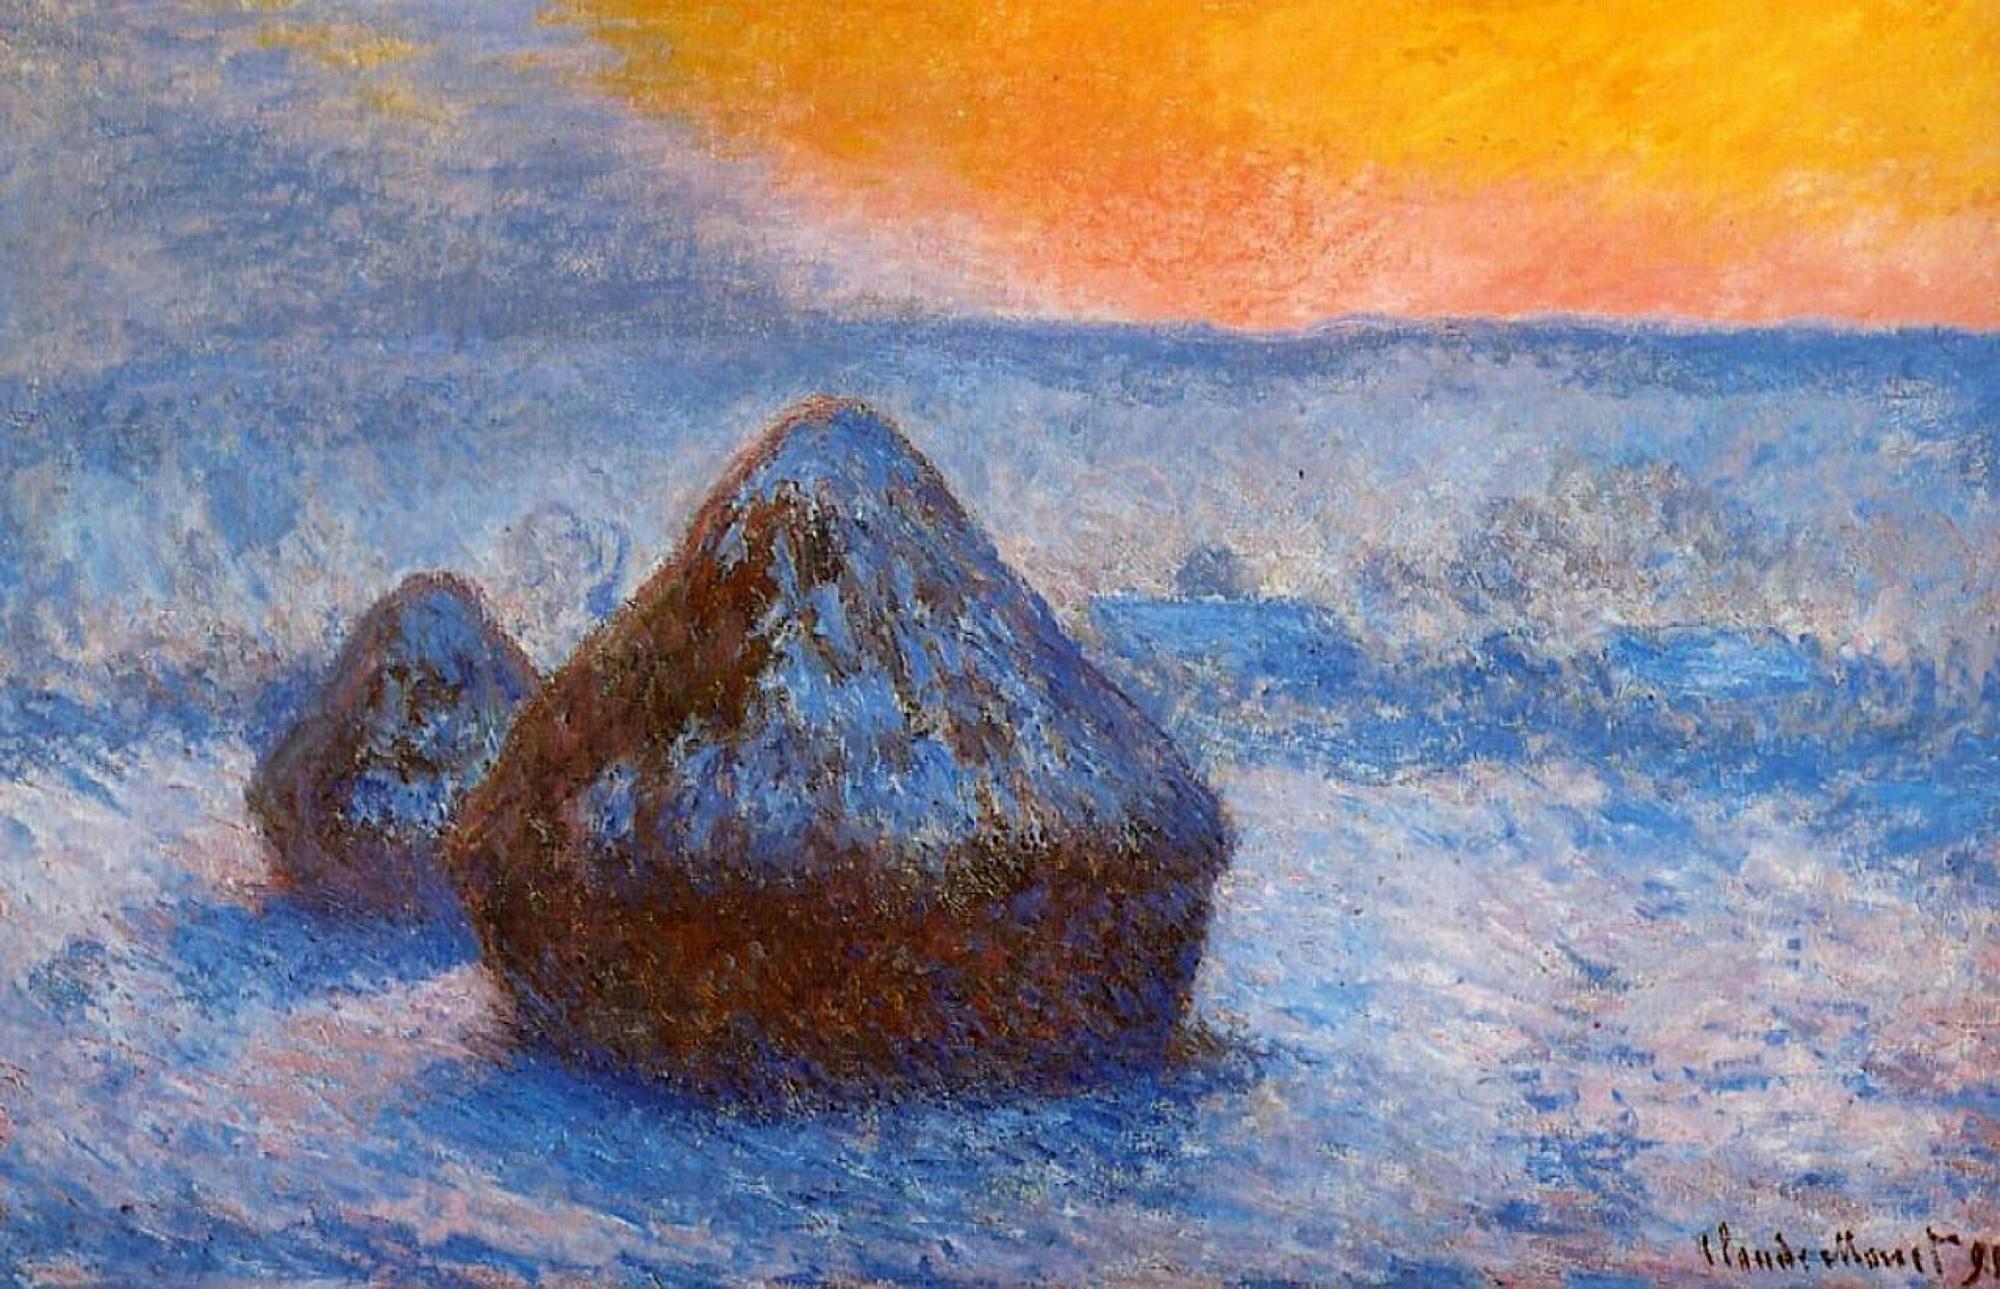 пейзаж < Стога сена  лучах восходящего солнца, выпал снег  >:: Клод Моне, описание картины - Моне Клод (Claude Monet) фото